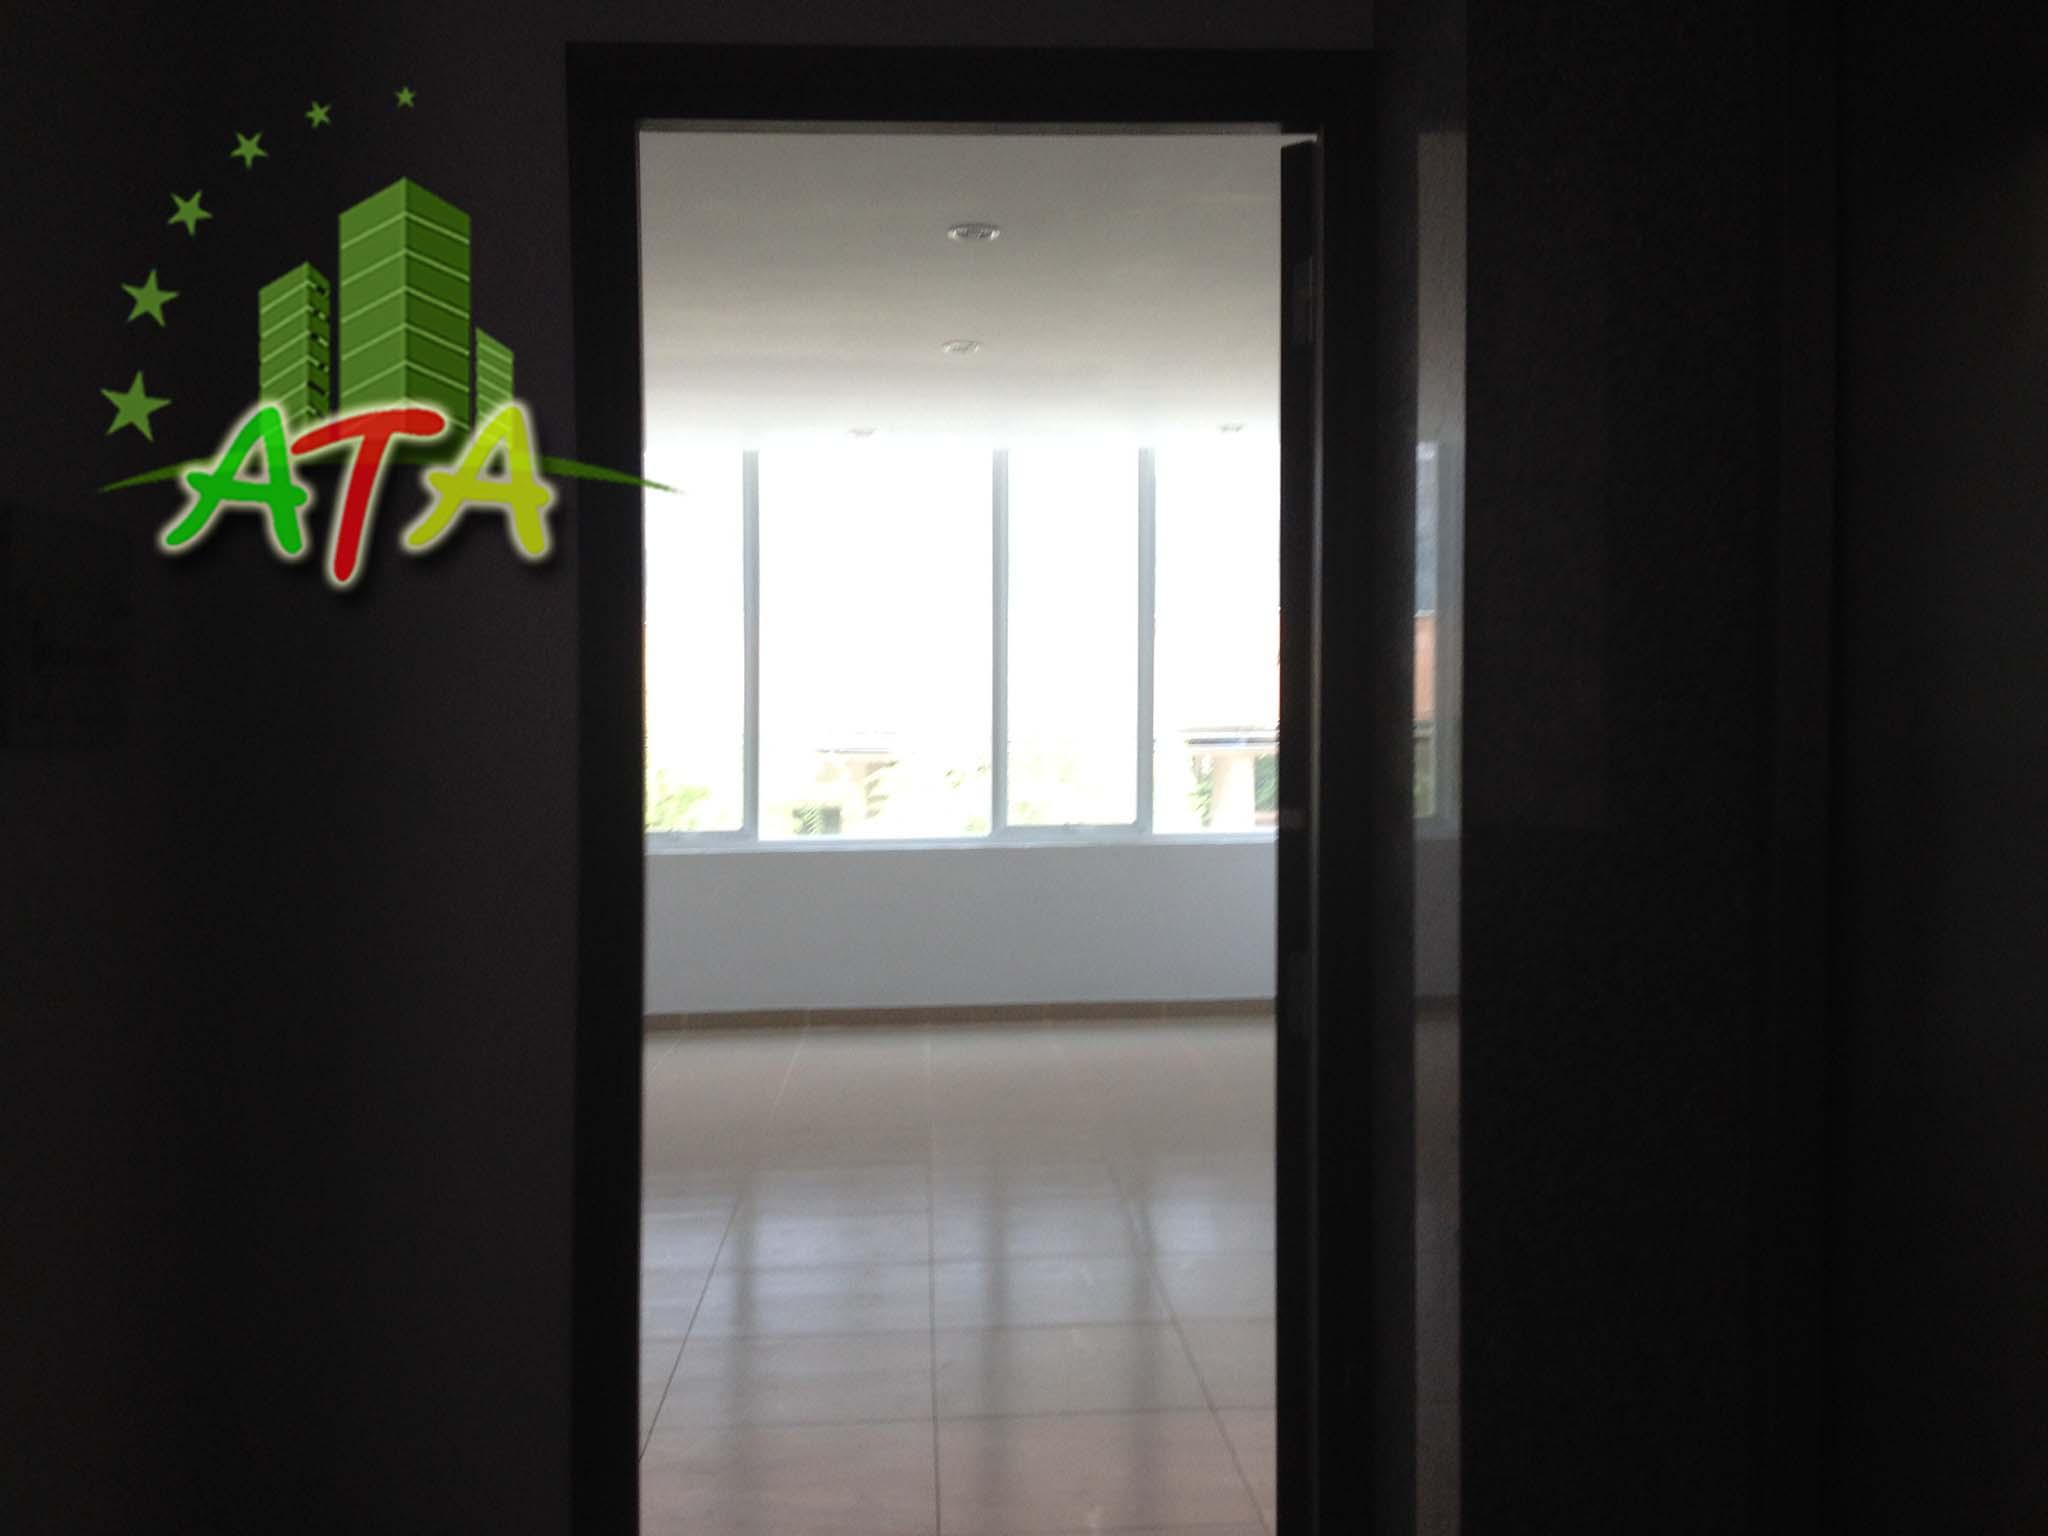 văn phòng cho thuê quận 4, ATA Nguyễn Khoái, Kim Nguyên, office for lease in hcmc, D4